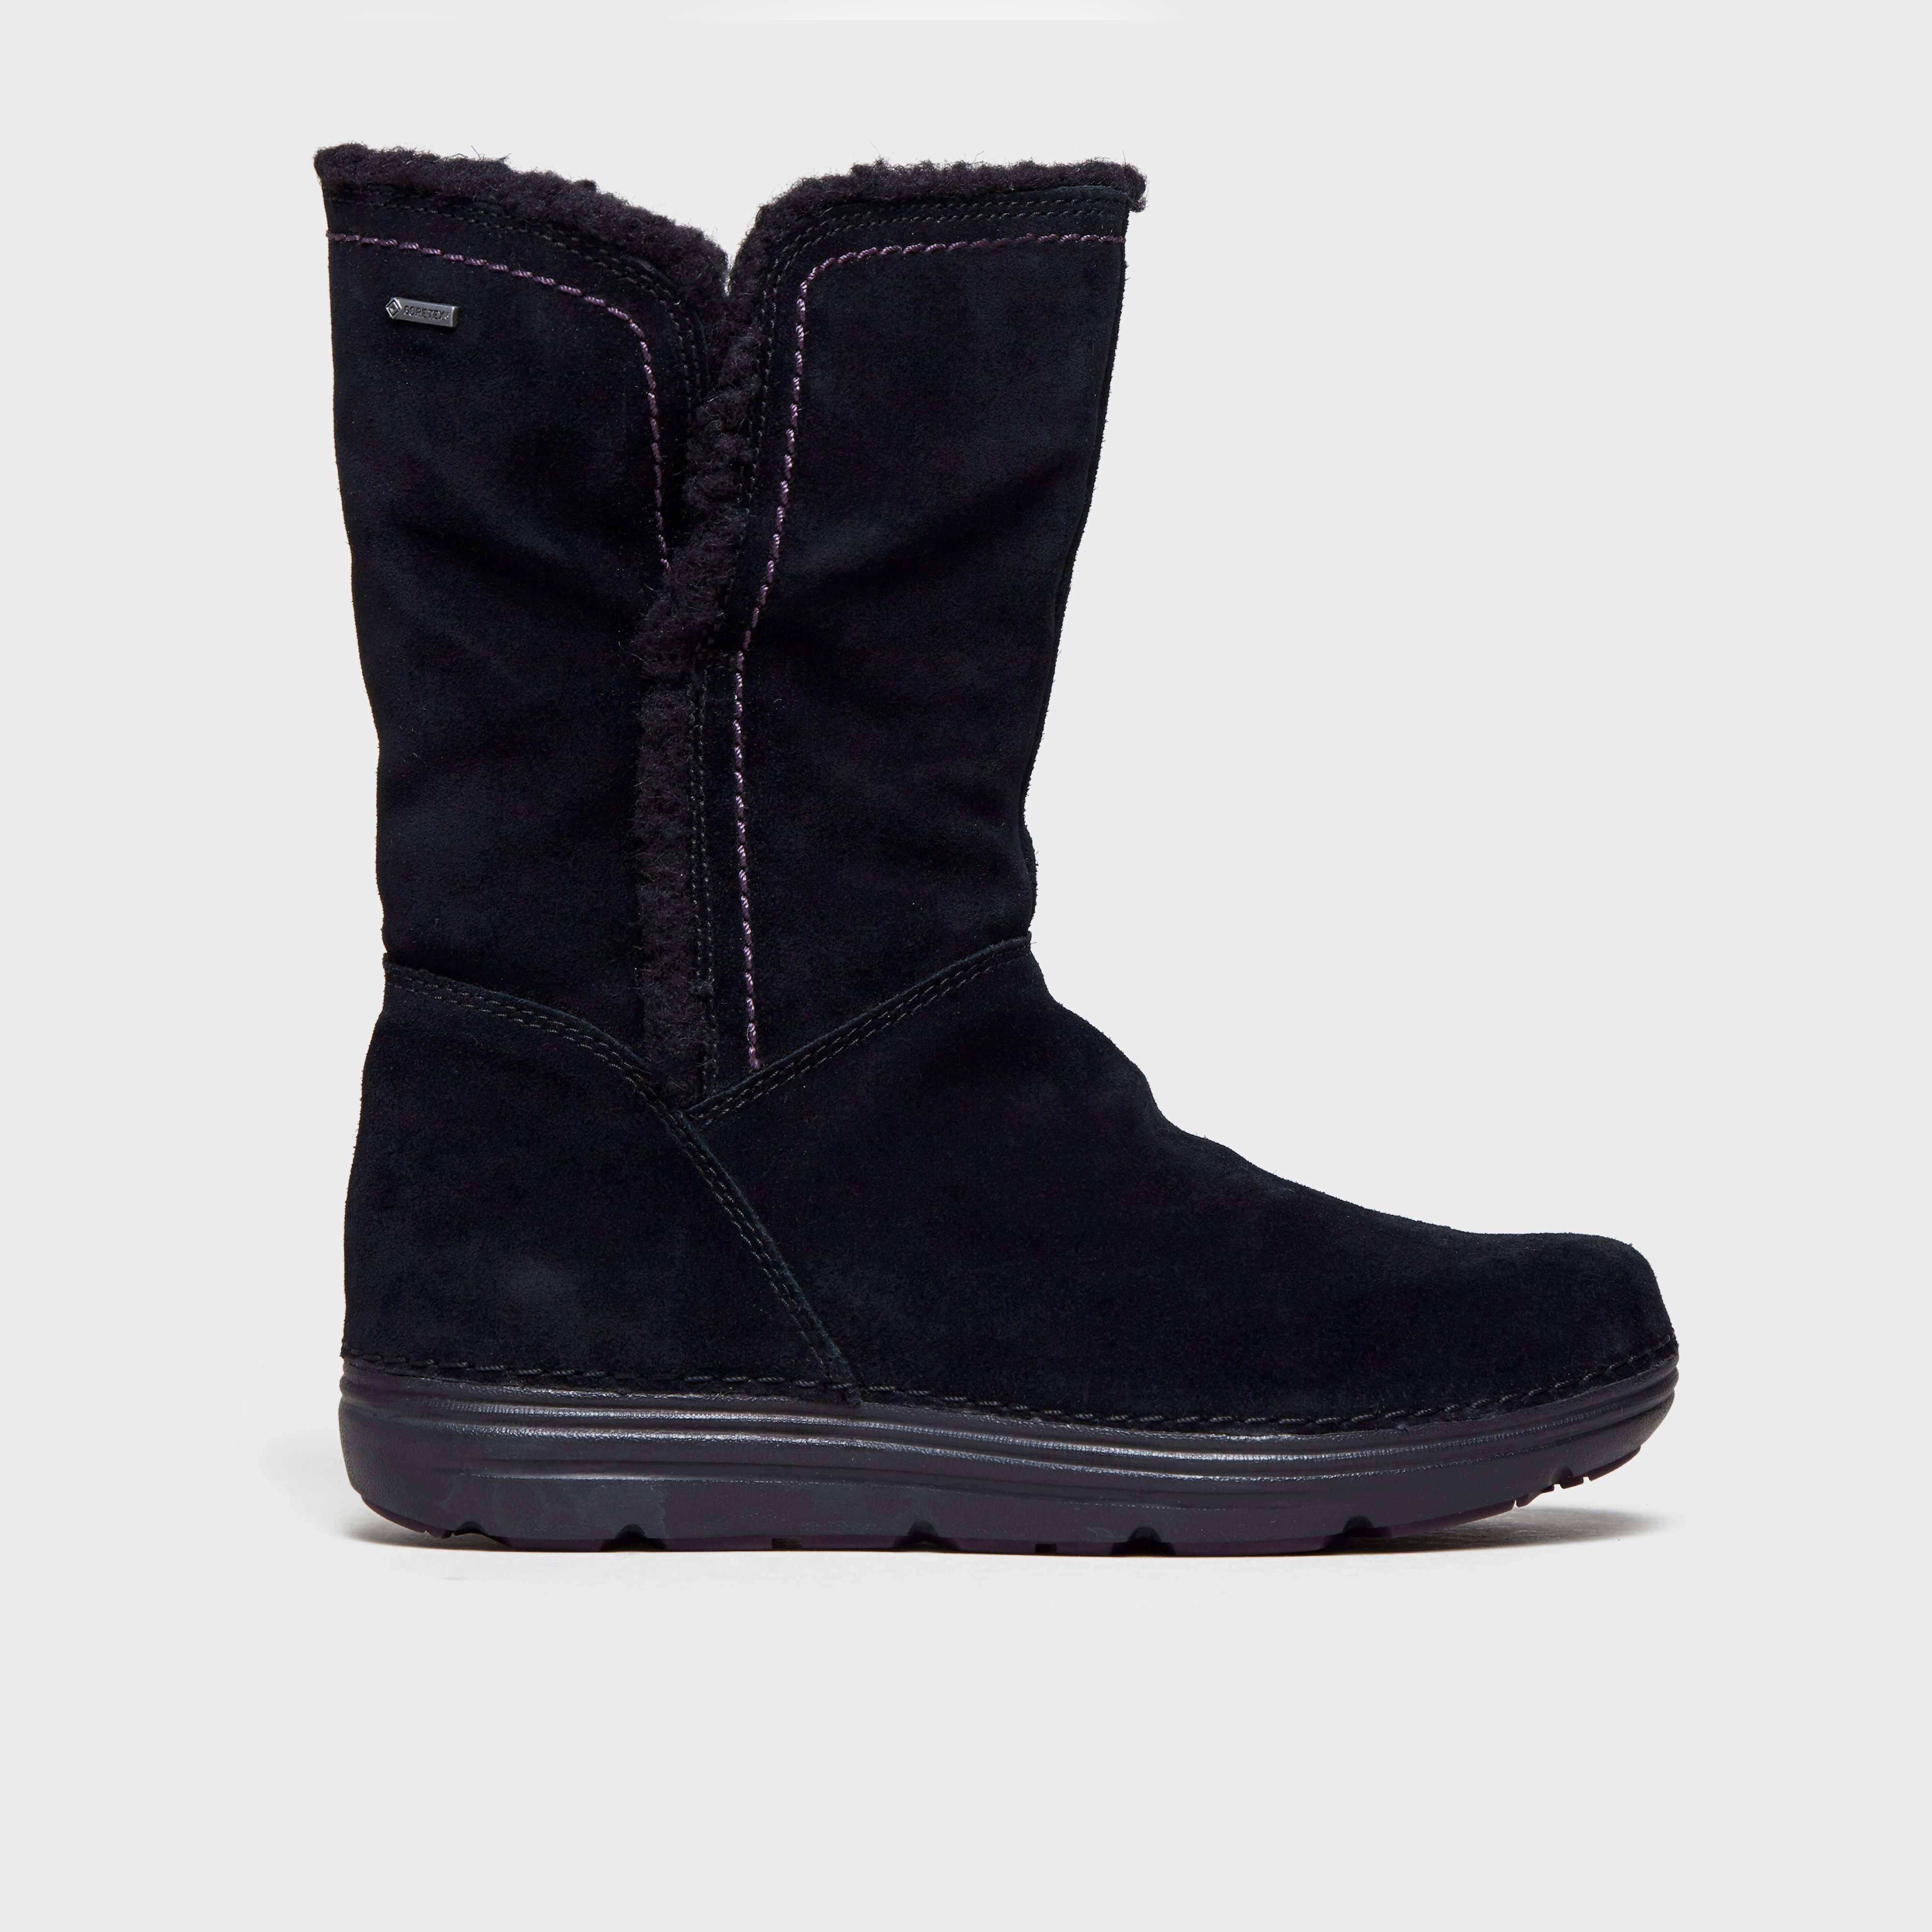 CLARKS Women's Nelia Net GORE-TEX® Boot